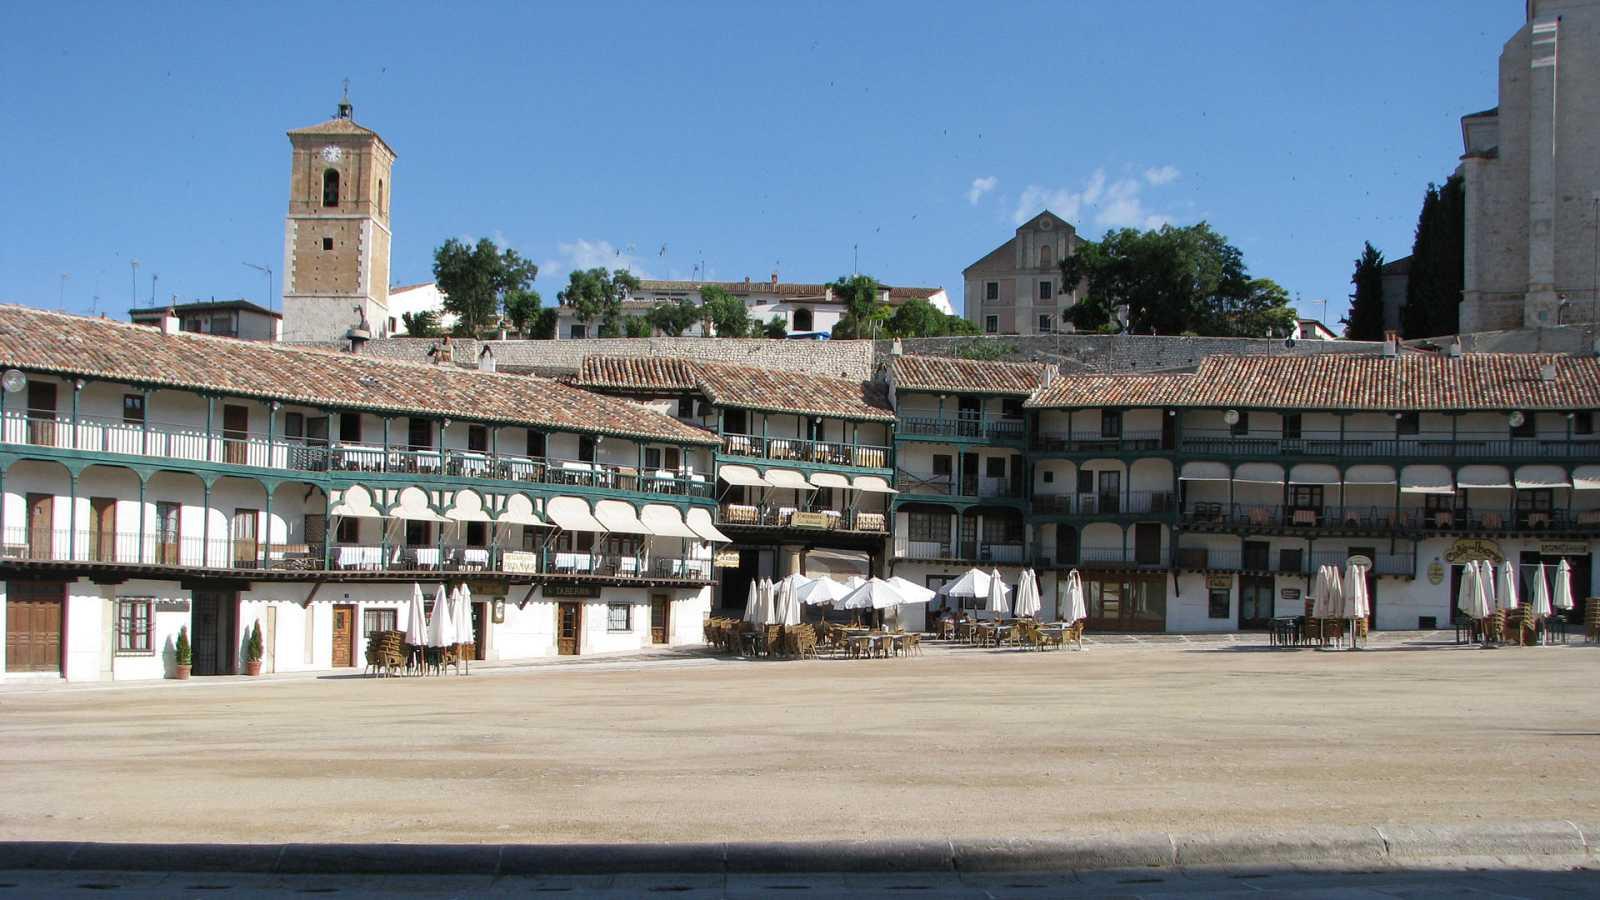 En clave Turismo - Pueblos preciosos de la Comunidad de Madrid, 2ª parte - 24/11/20 - escuchar ahora